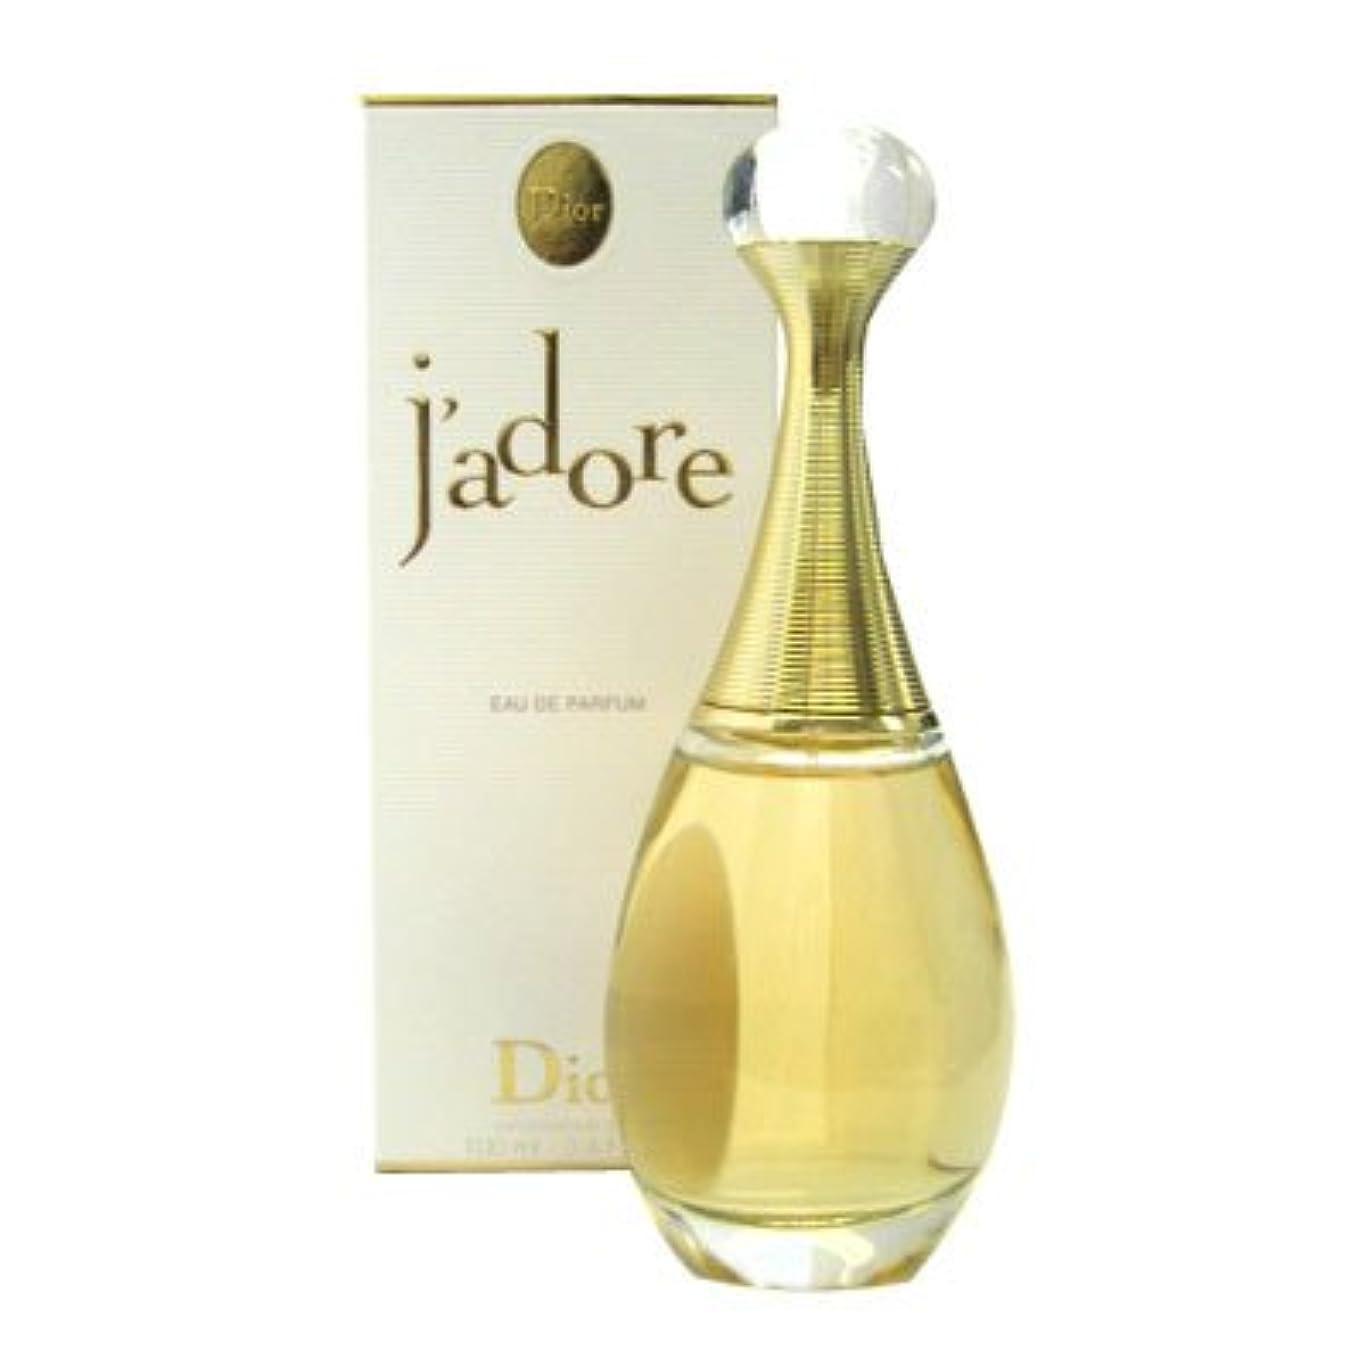 ライセンス消毒剤デュアルクリスチャン ディオール(Christian Dior) ジャドール EDP 100ml[並行輸入品]